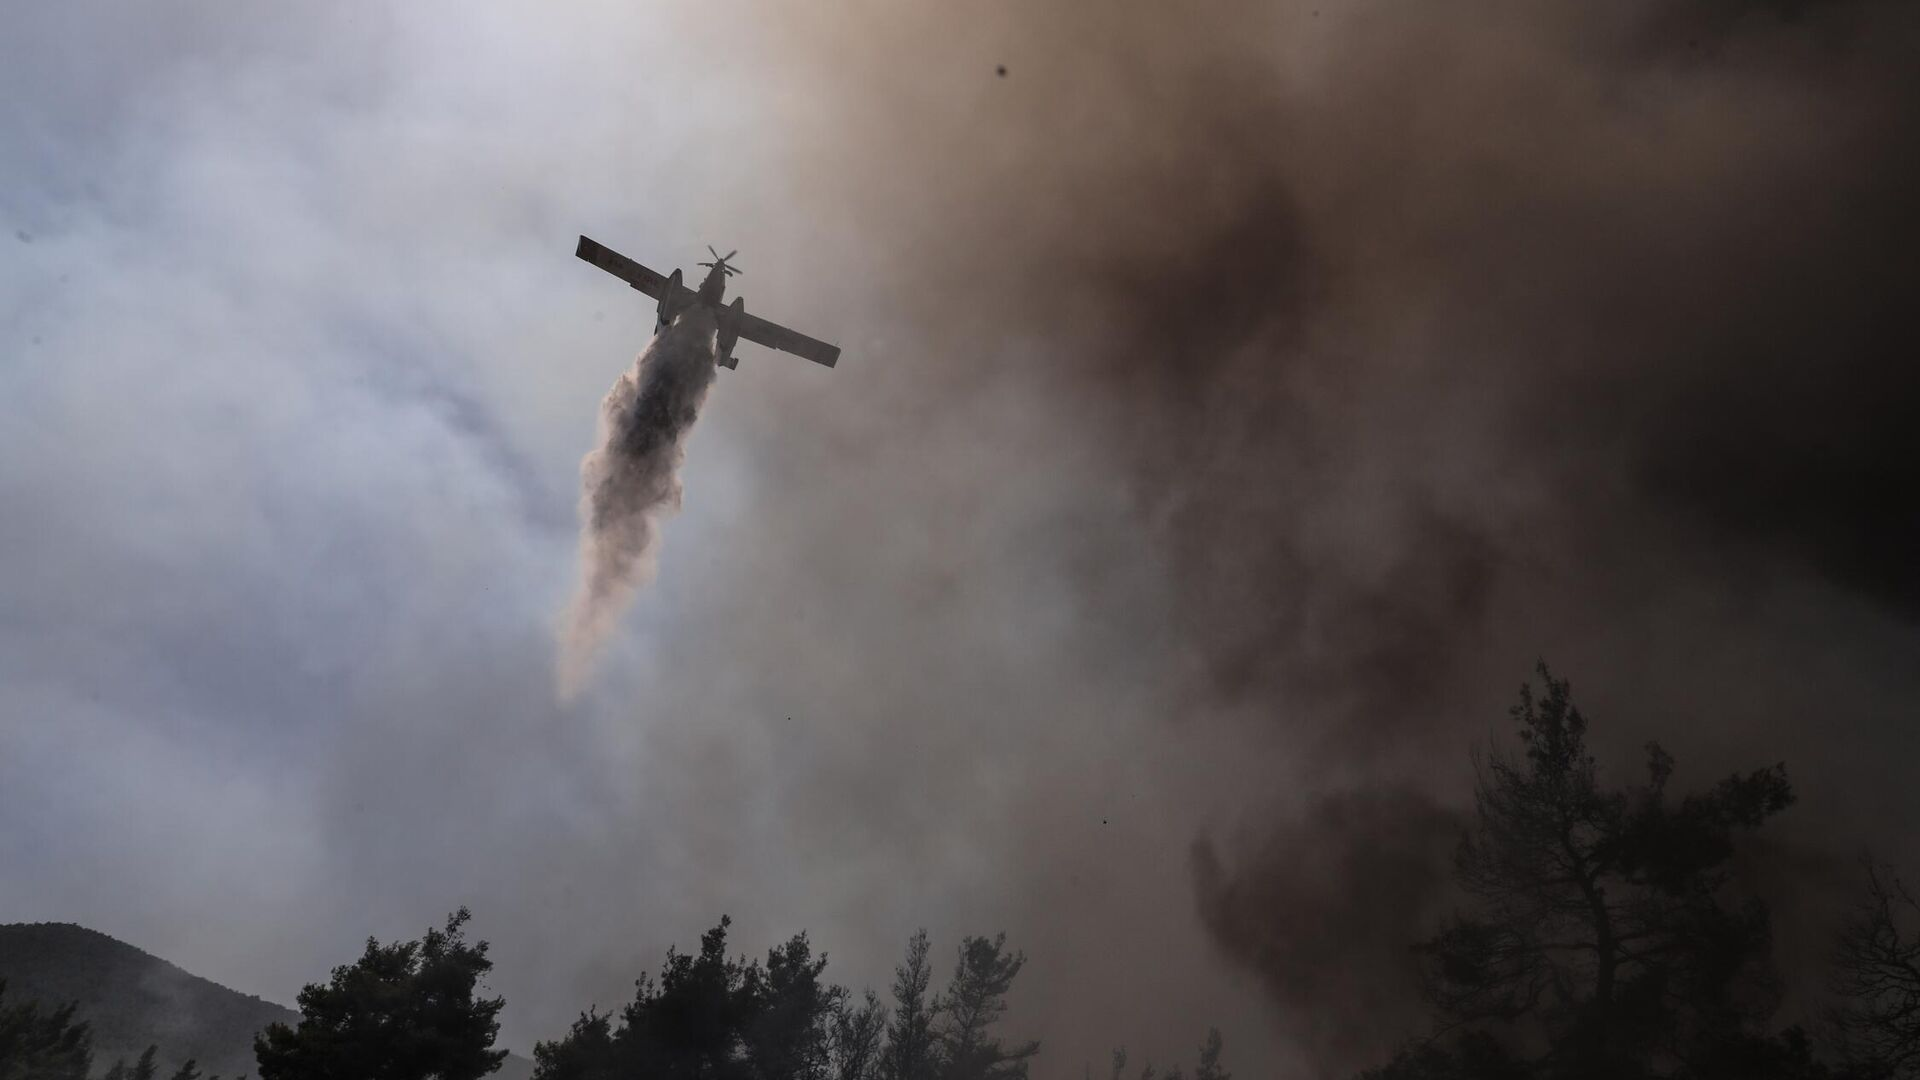 Κατάσβεση πυρκαγιάς στη Σταμάτα Αττικής στις 27 Ιουλίου, 2021 - Sputnik Ελλάδα, 1920, 26.09.2021